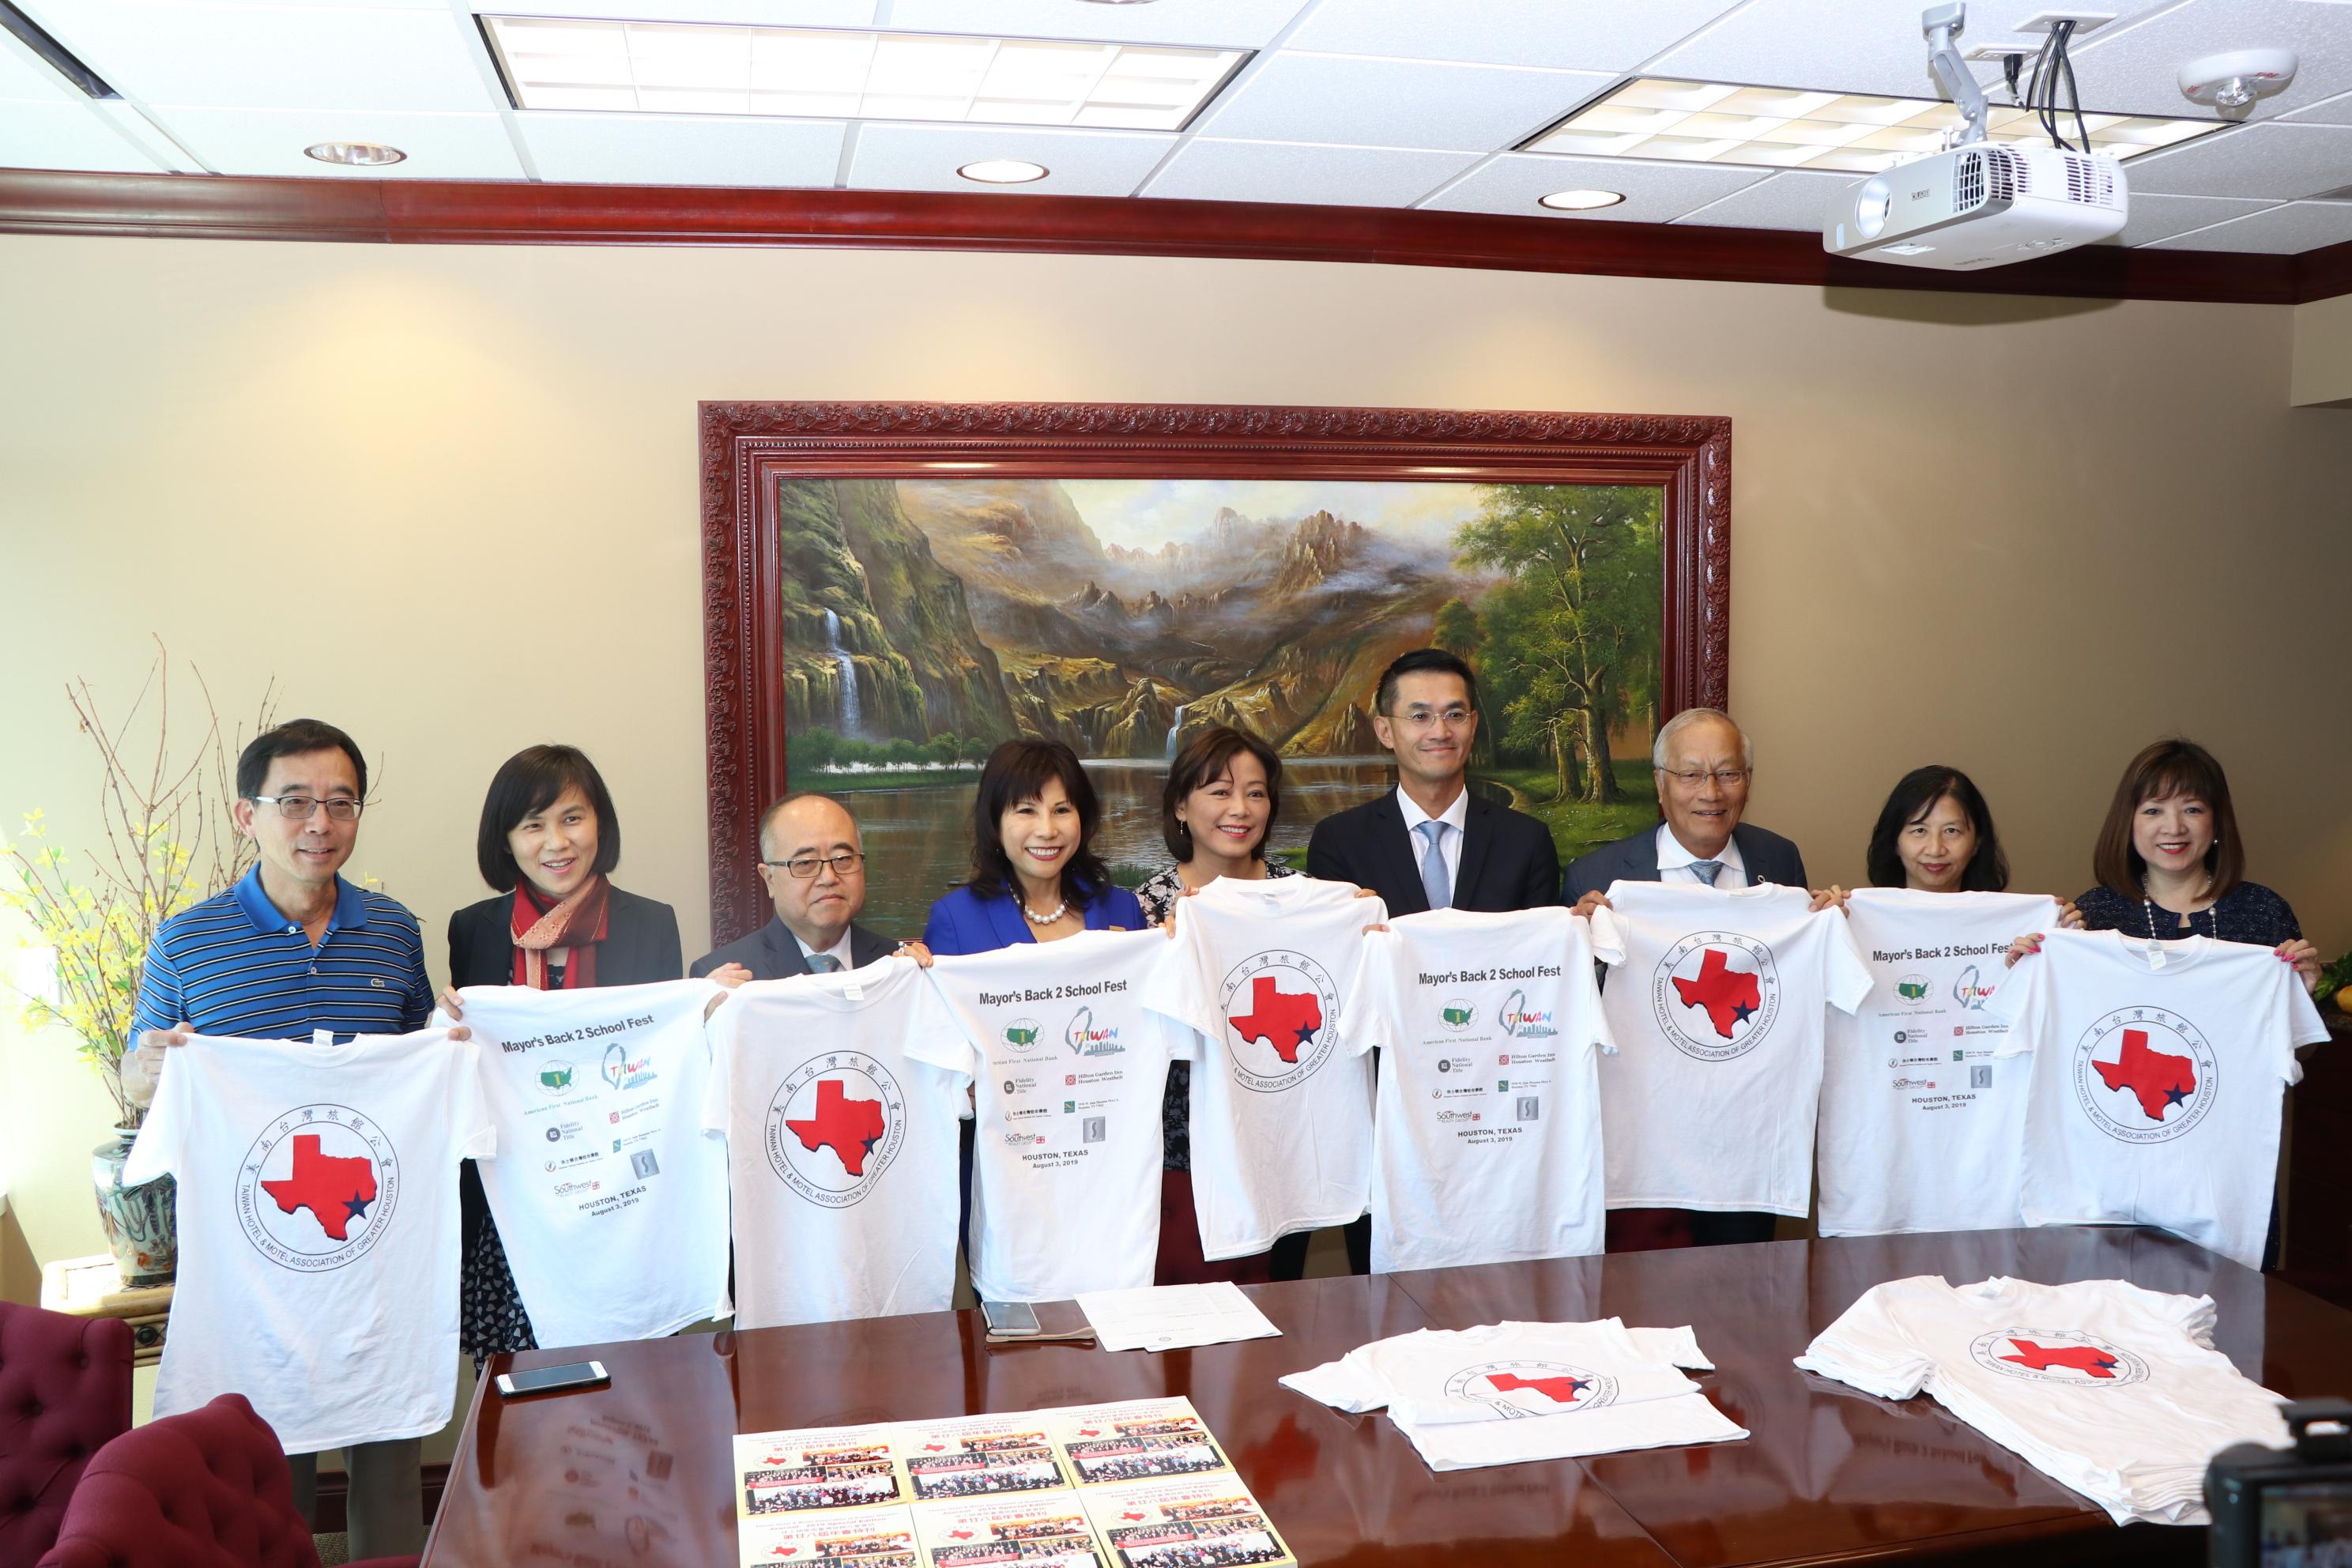 美南台灣旅館公會會長何宜中(左五)關心休士頓市政府的愛心活動。